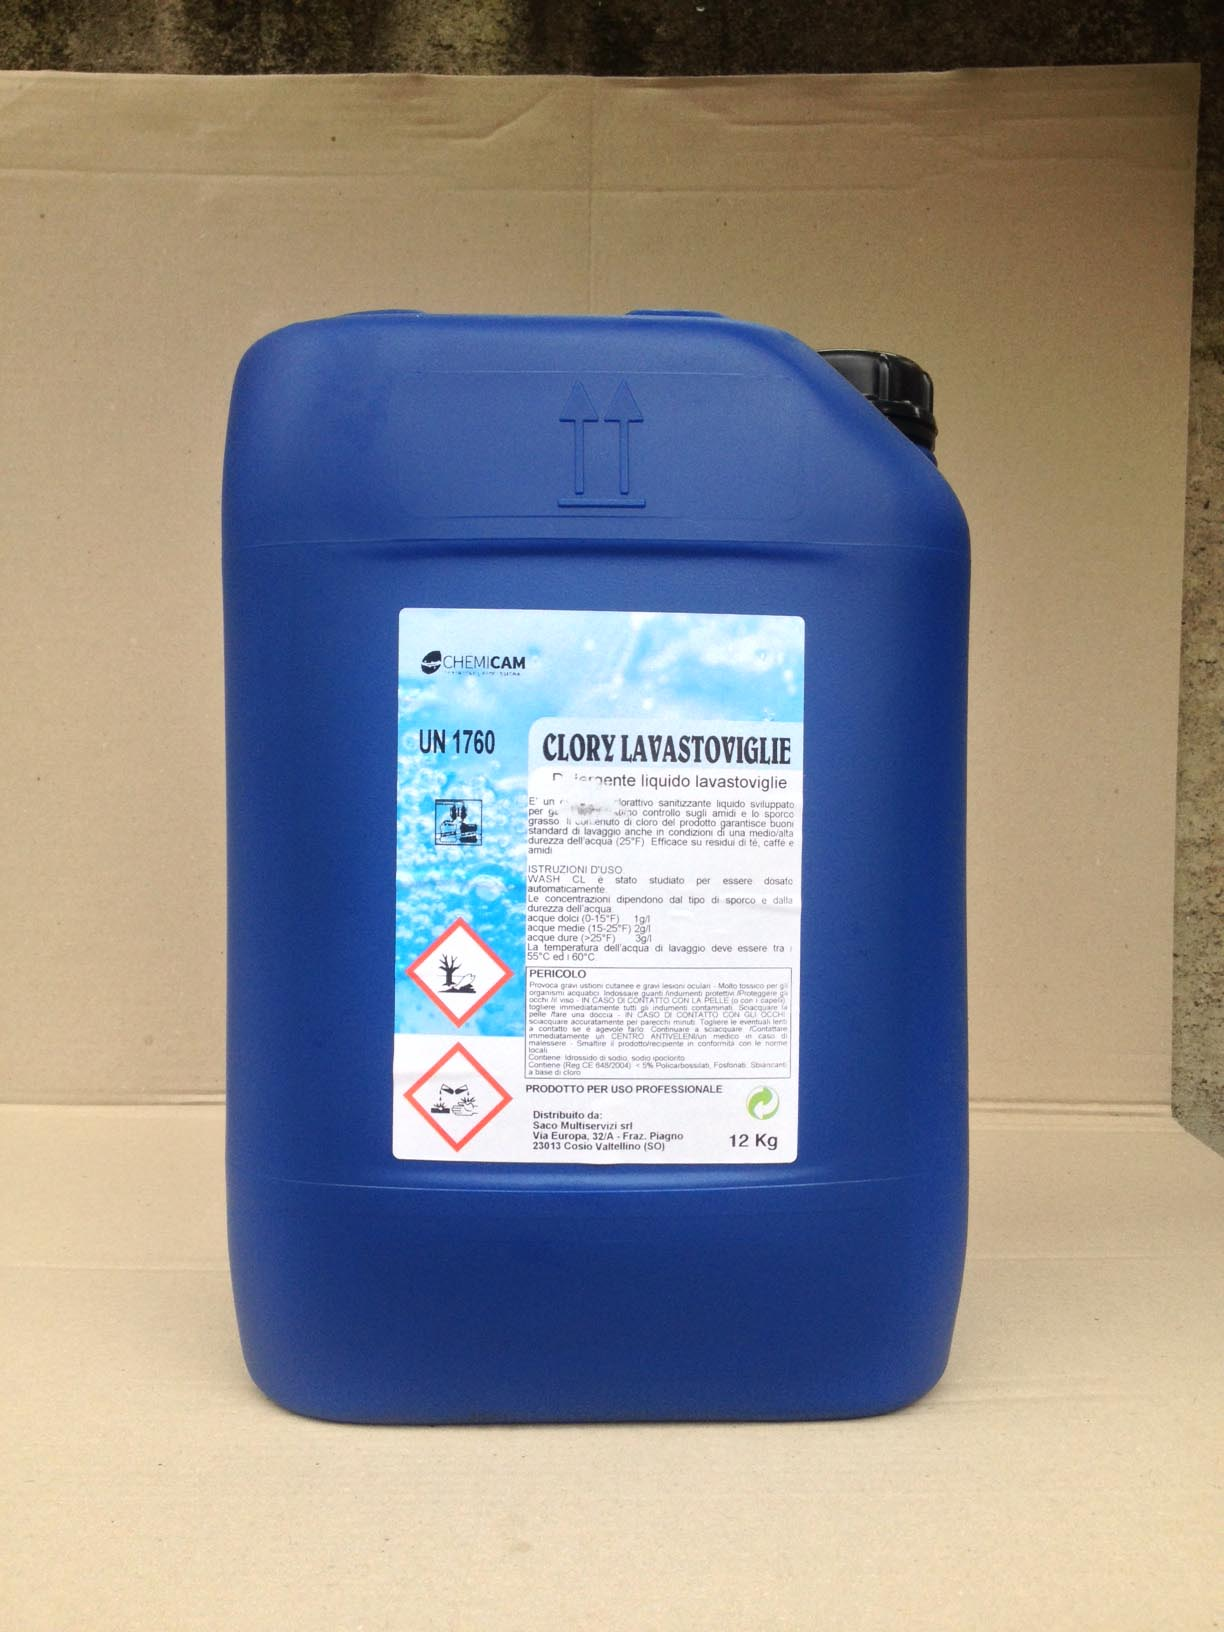 CLORY LAVASTOVIGLIE - Detergente liquido cloro attivo igienizzante e sbiancante